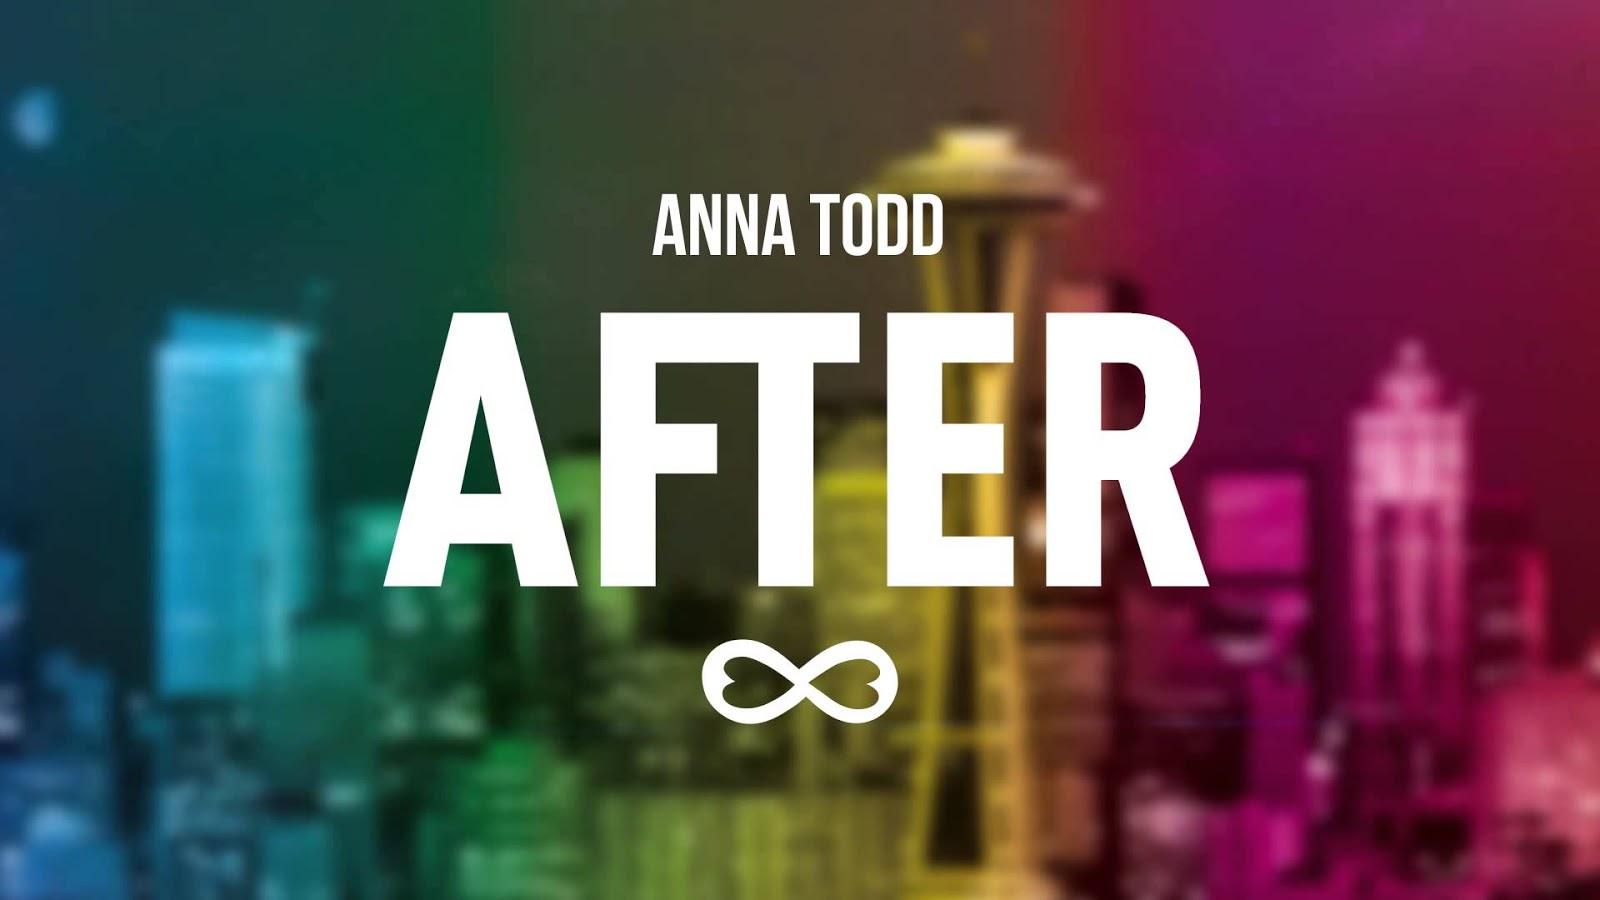 Josephine Lanford será la protagonista de After // O ROMANCE PERFEITO - Livros e Resenhas